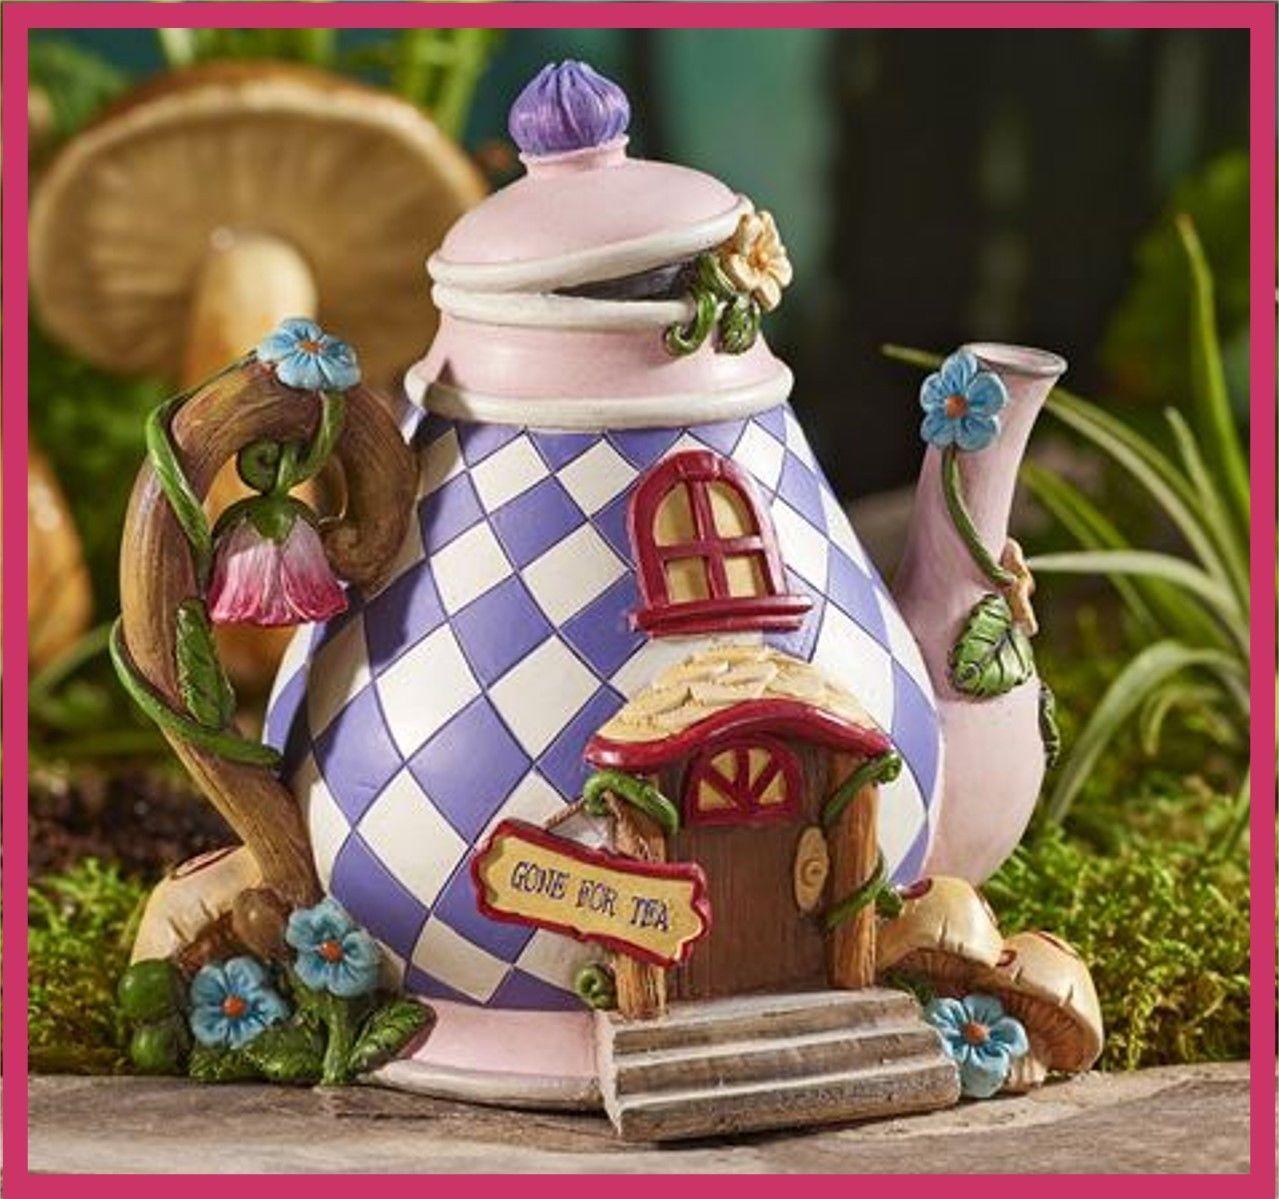 Fairy garden fun mini alice in wonderland teapot tea pot fairy house 325 f fairy house for Alice in wonderland fairy garden